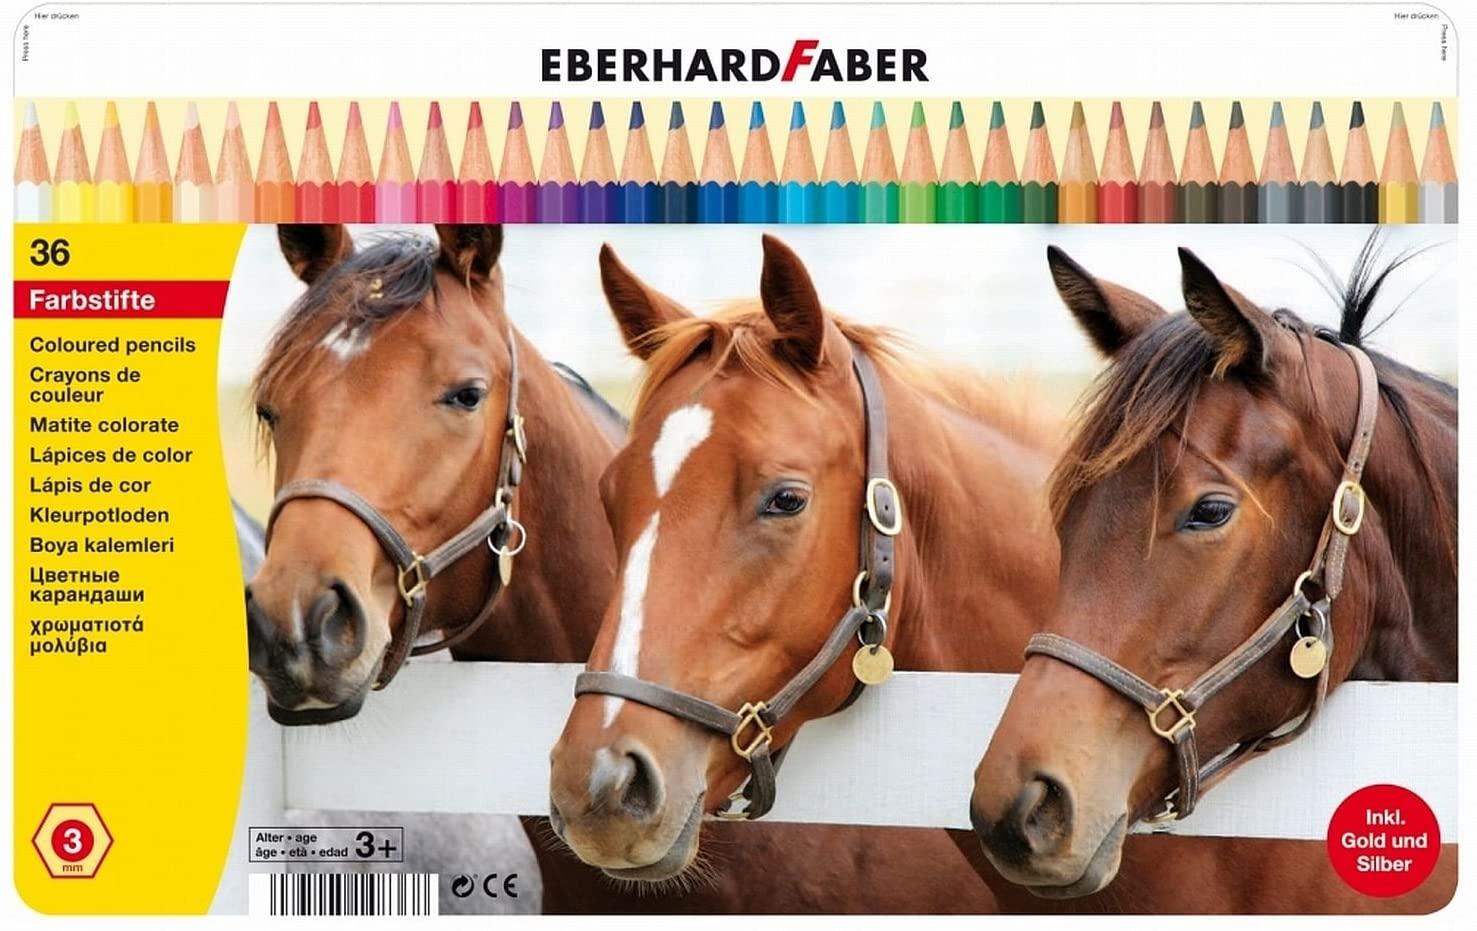 Eberhard Faber 514836Colouring Pencil, Hexagonal, Pack of 36, Tin Case